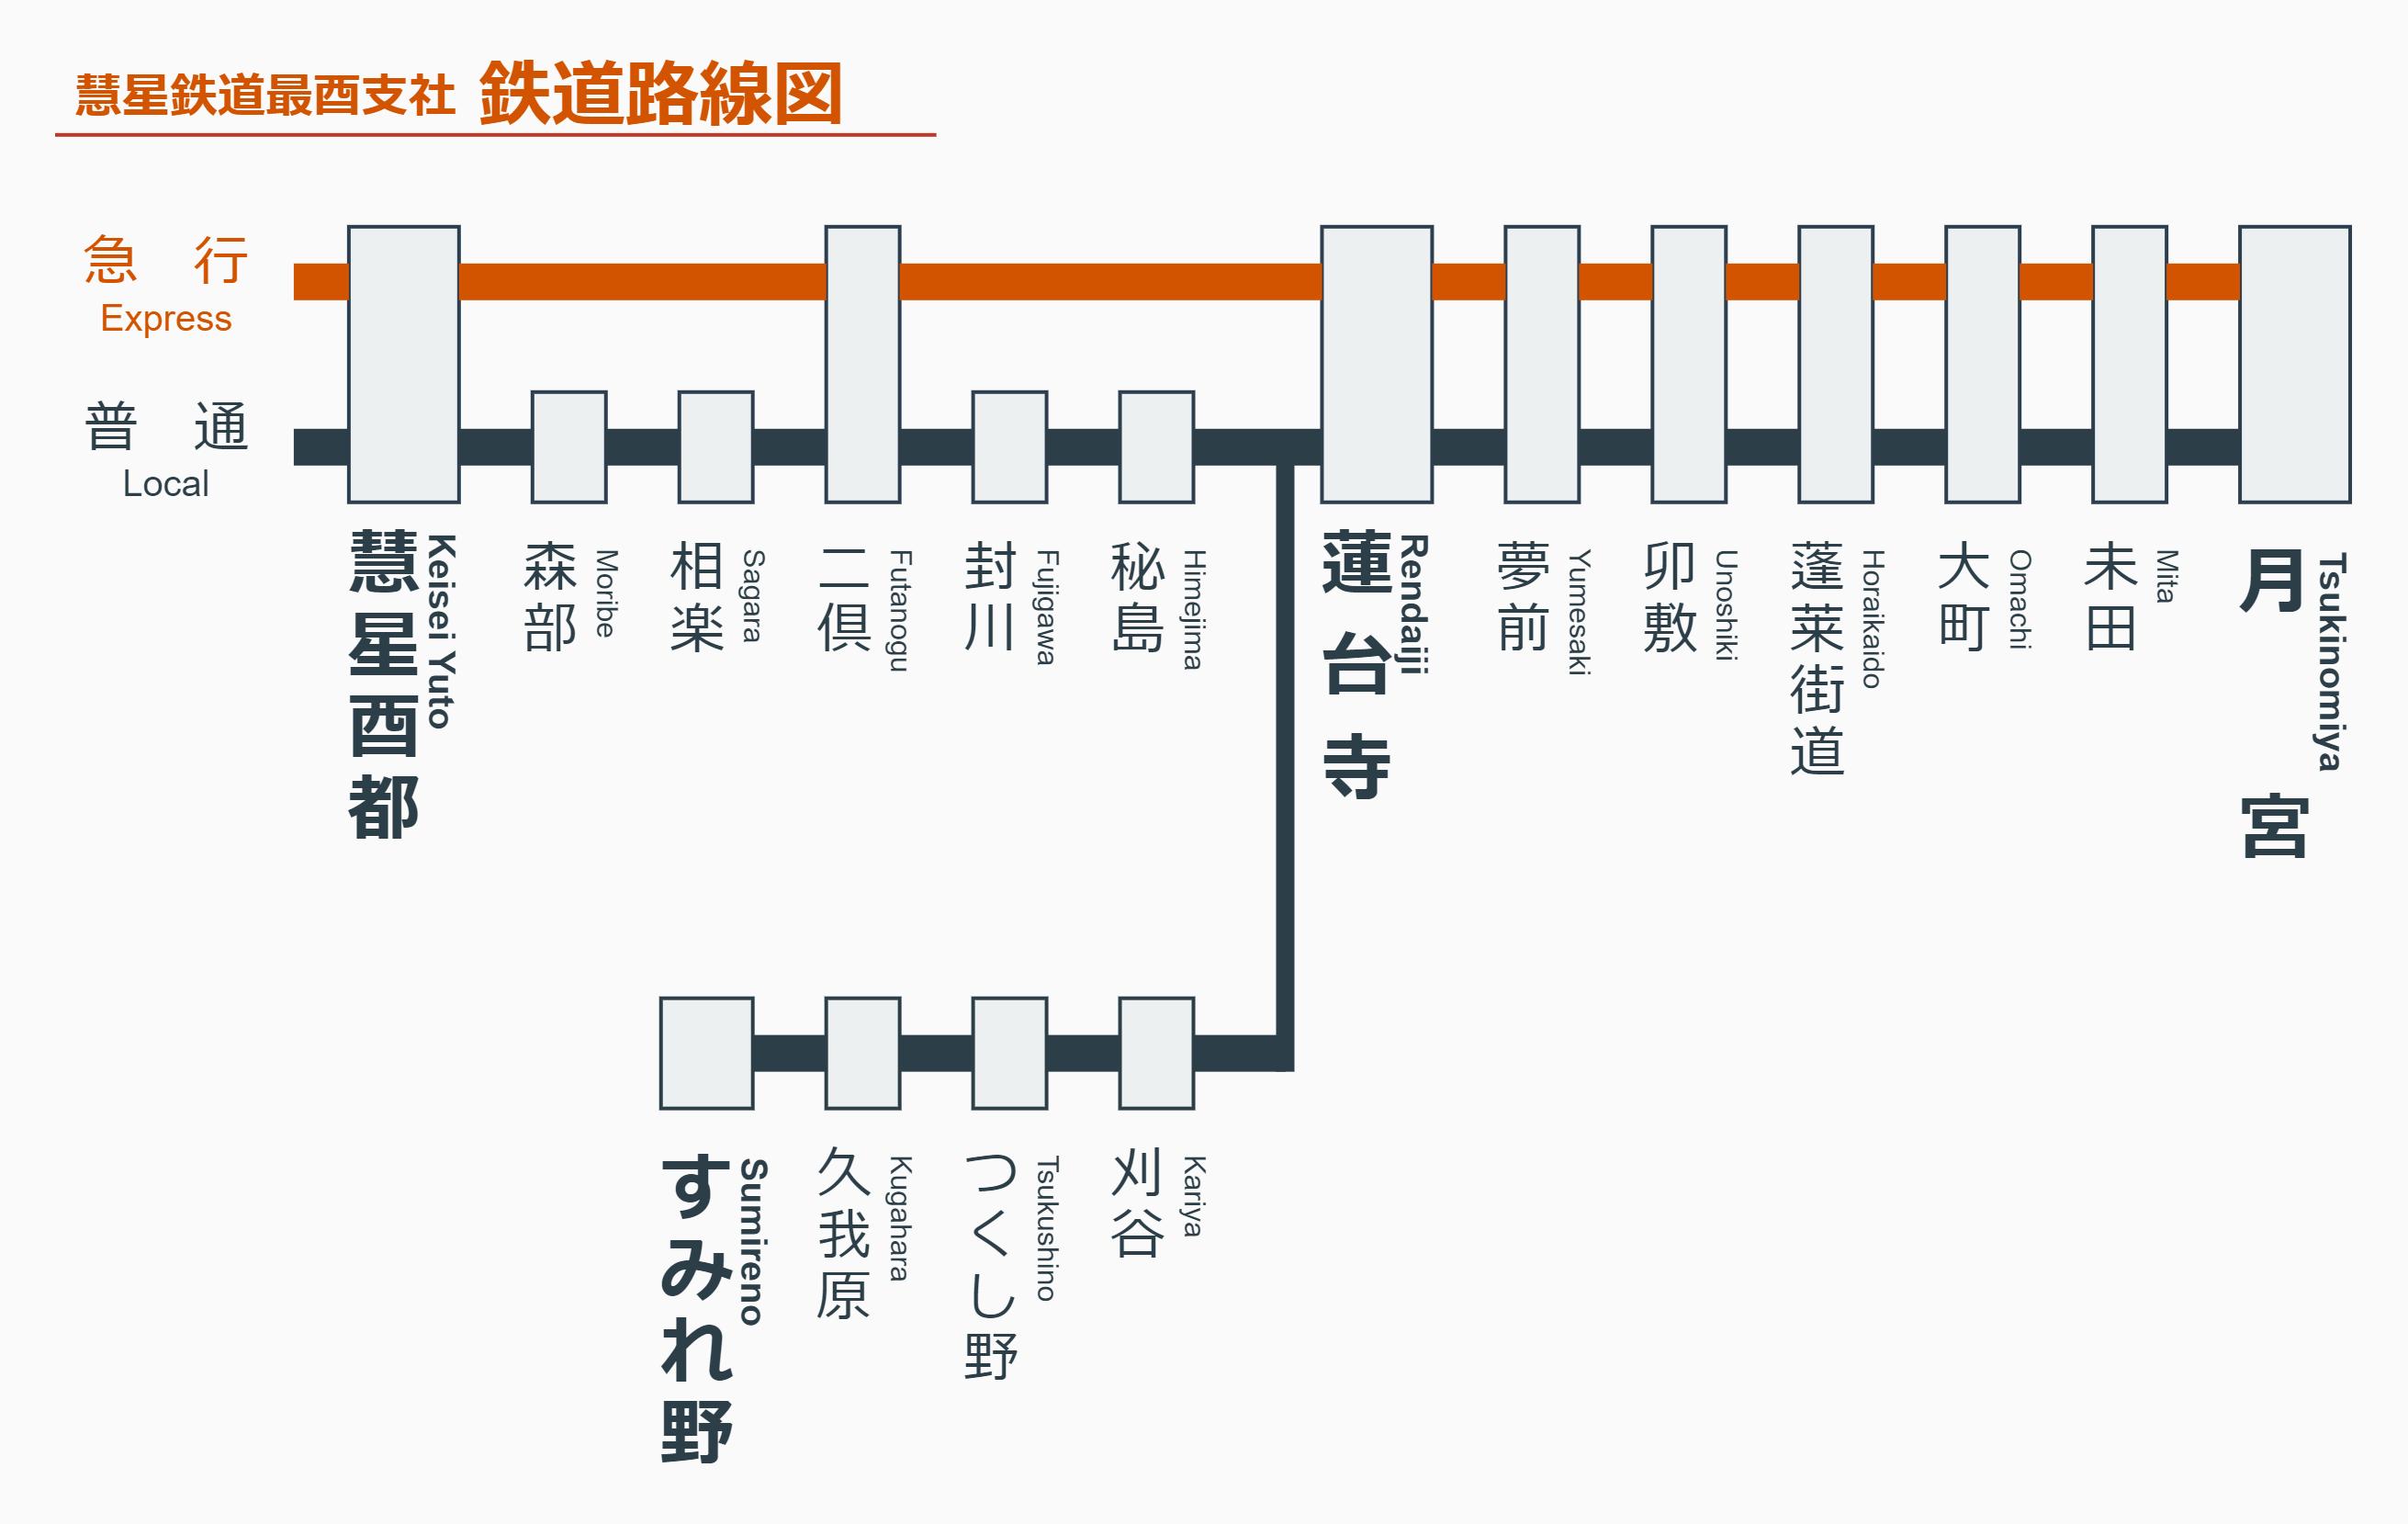 慧星鉄道最酉支社路線図(第八話時点).png